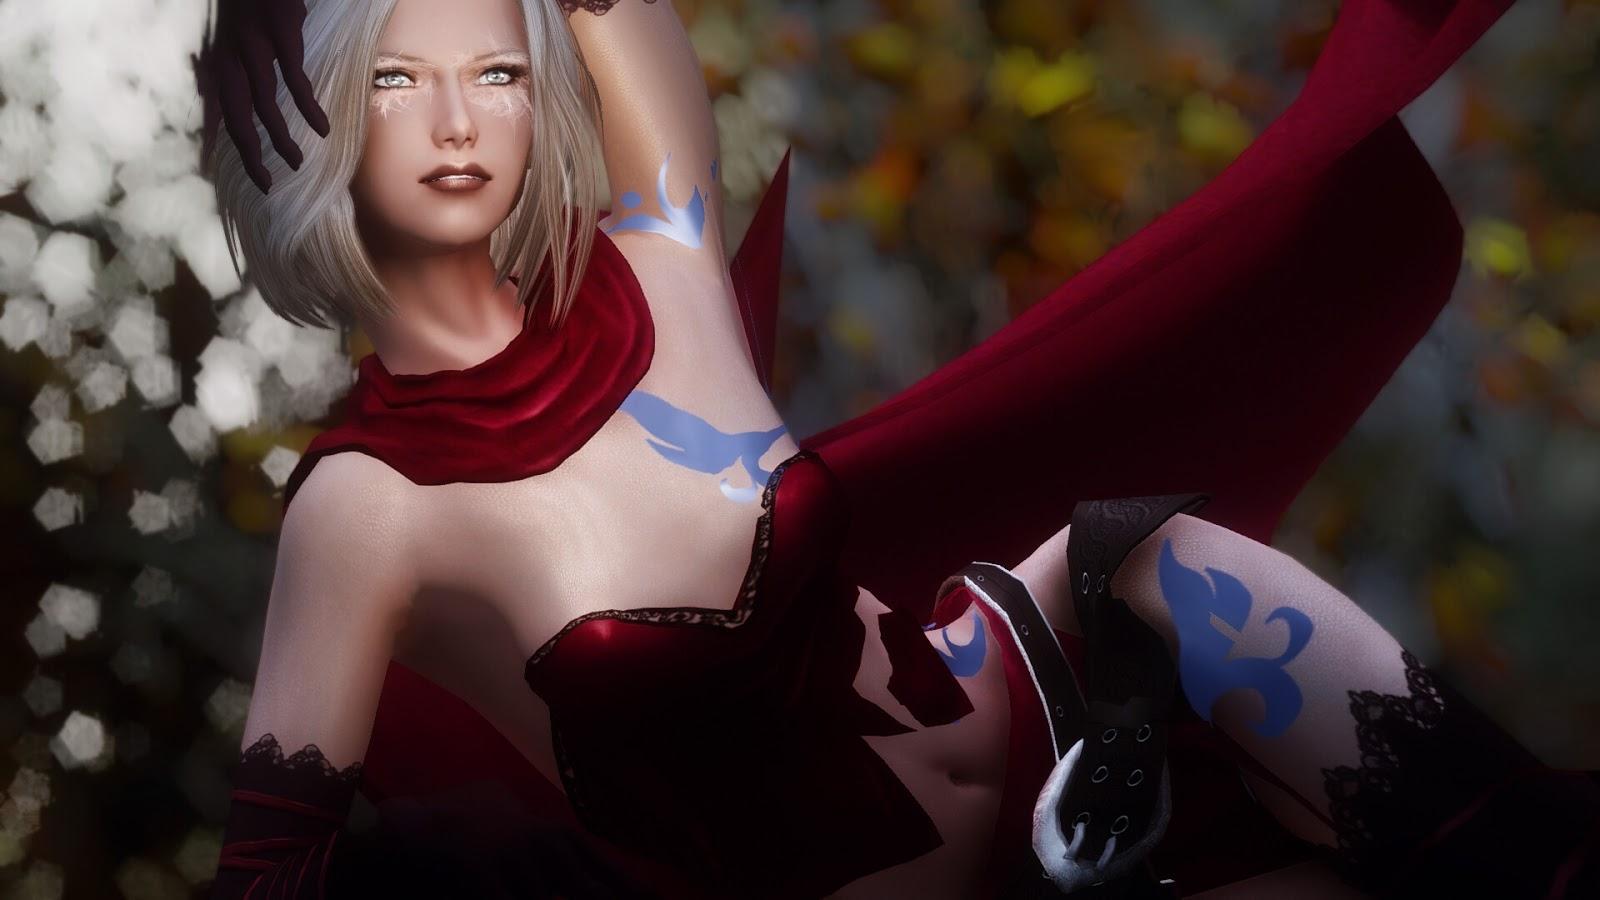 Armor of seduce UUNP